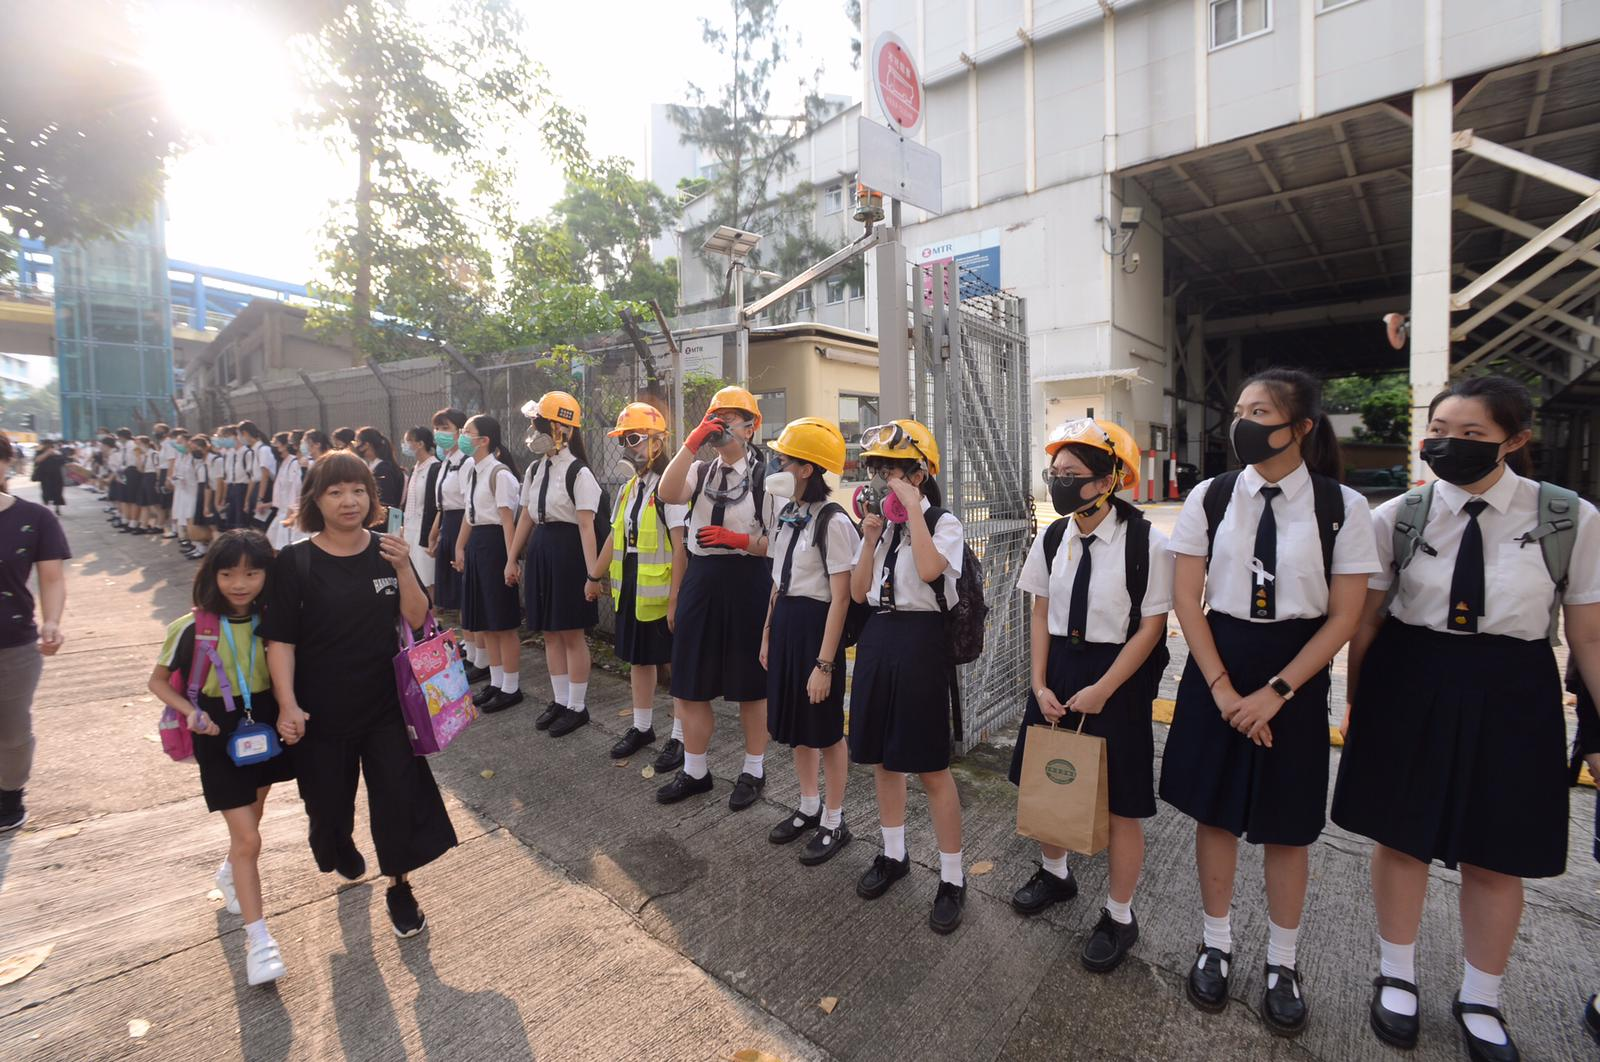 教育局發言人表示校外人鏈活動近日的發展開始令人憂慮。